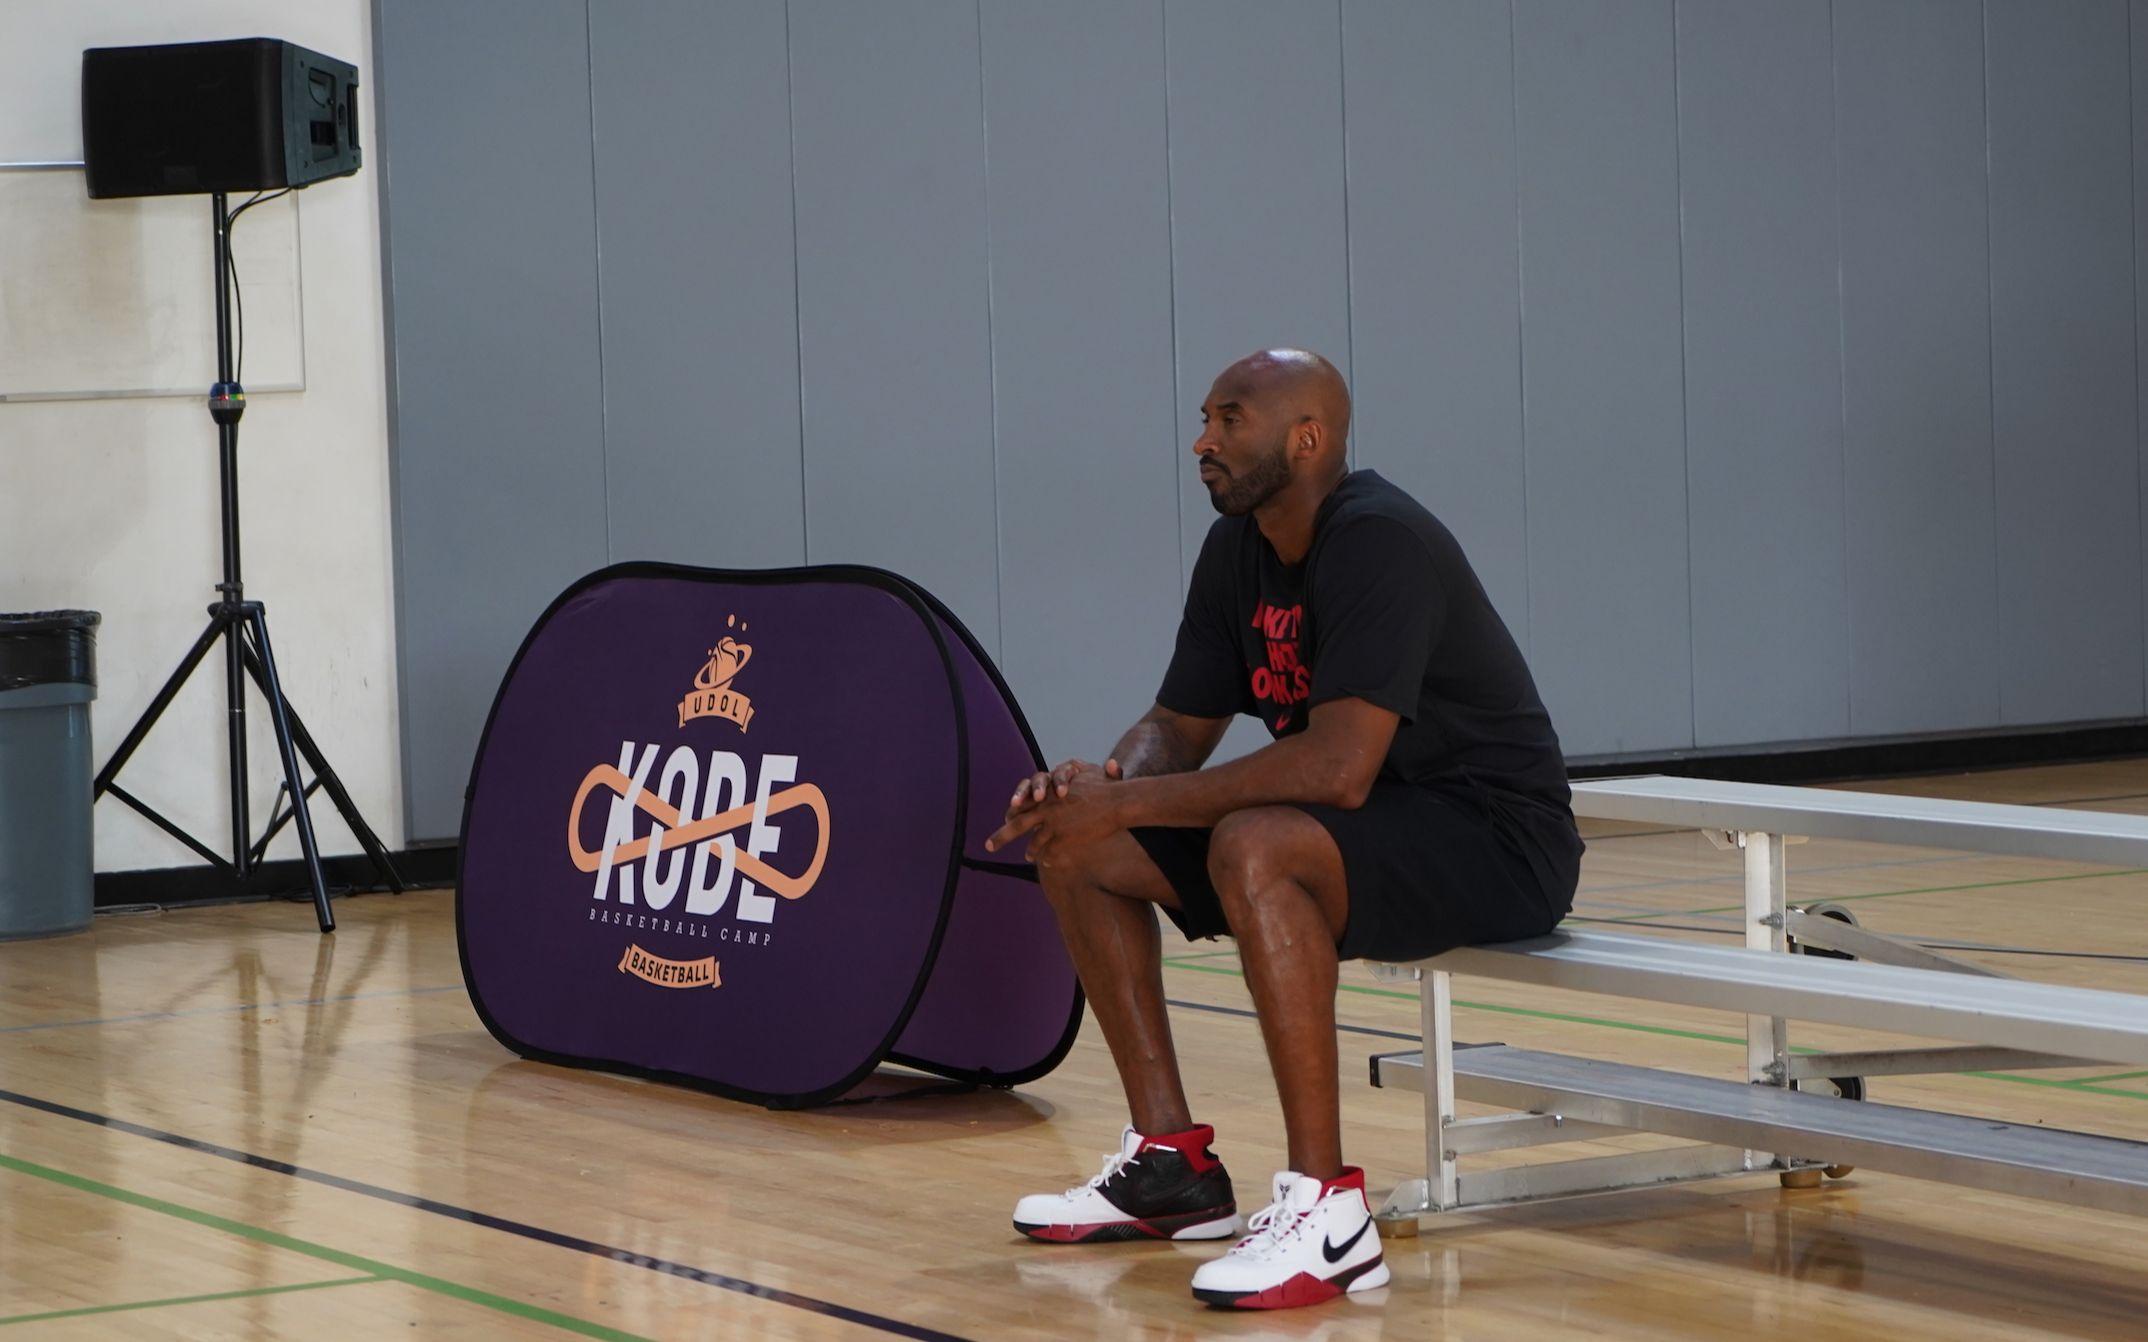 凌晨4點訓練是假的?前湖人協調員質疑媒體炒作Kobe:事實並非如此!-籃球圈